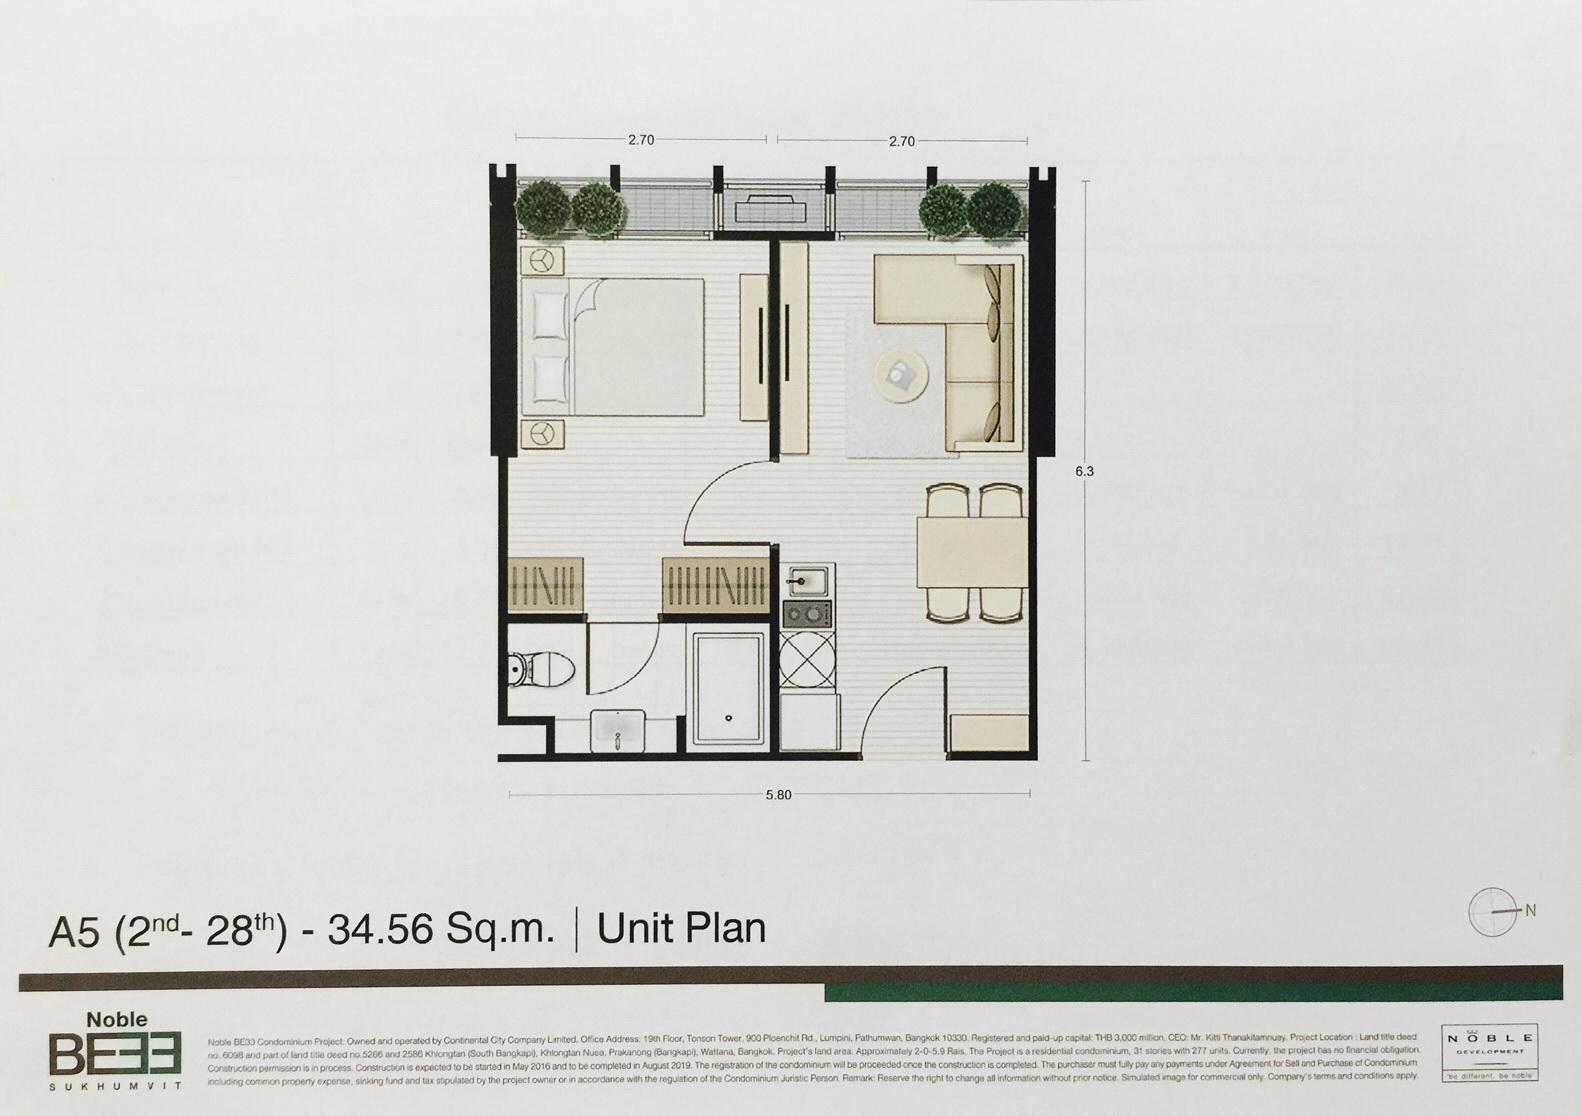 ขายดาวน์ด่วนคอนโด Noble BE33 (โนเบิล บี เทอร์ตี้ทรี) 1 ห้องนอน 1 ห้องน้ำ ขนาด 34.56 ตร.ม ชั้น 25